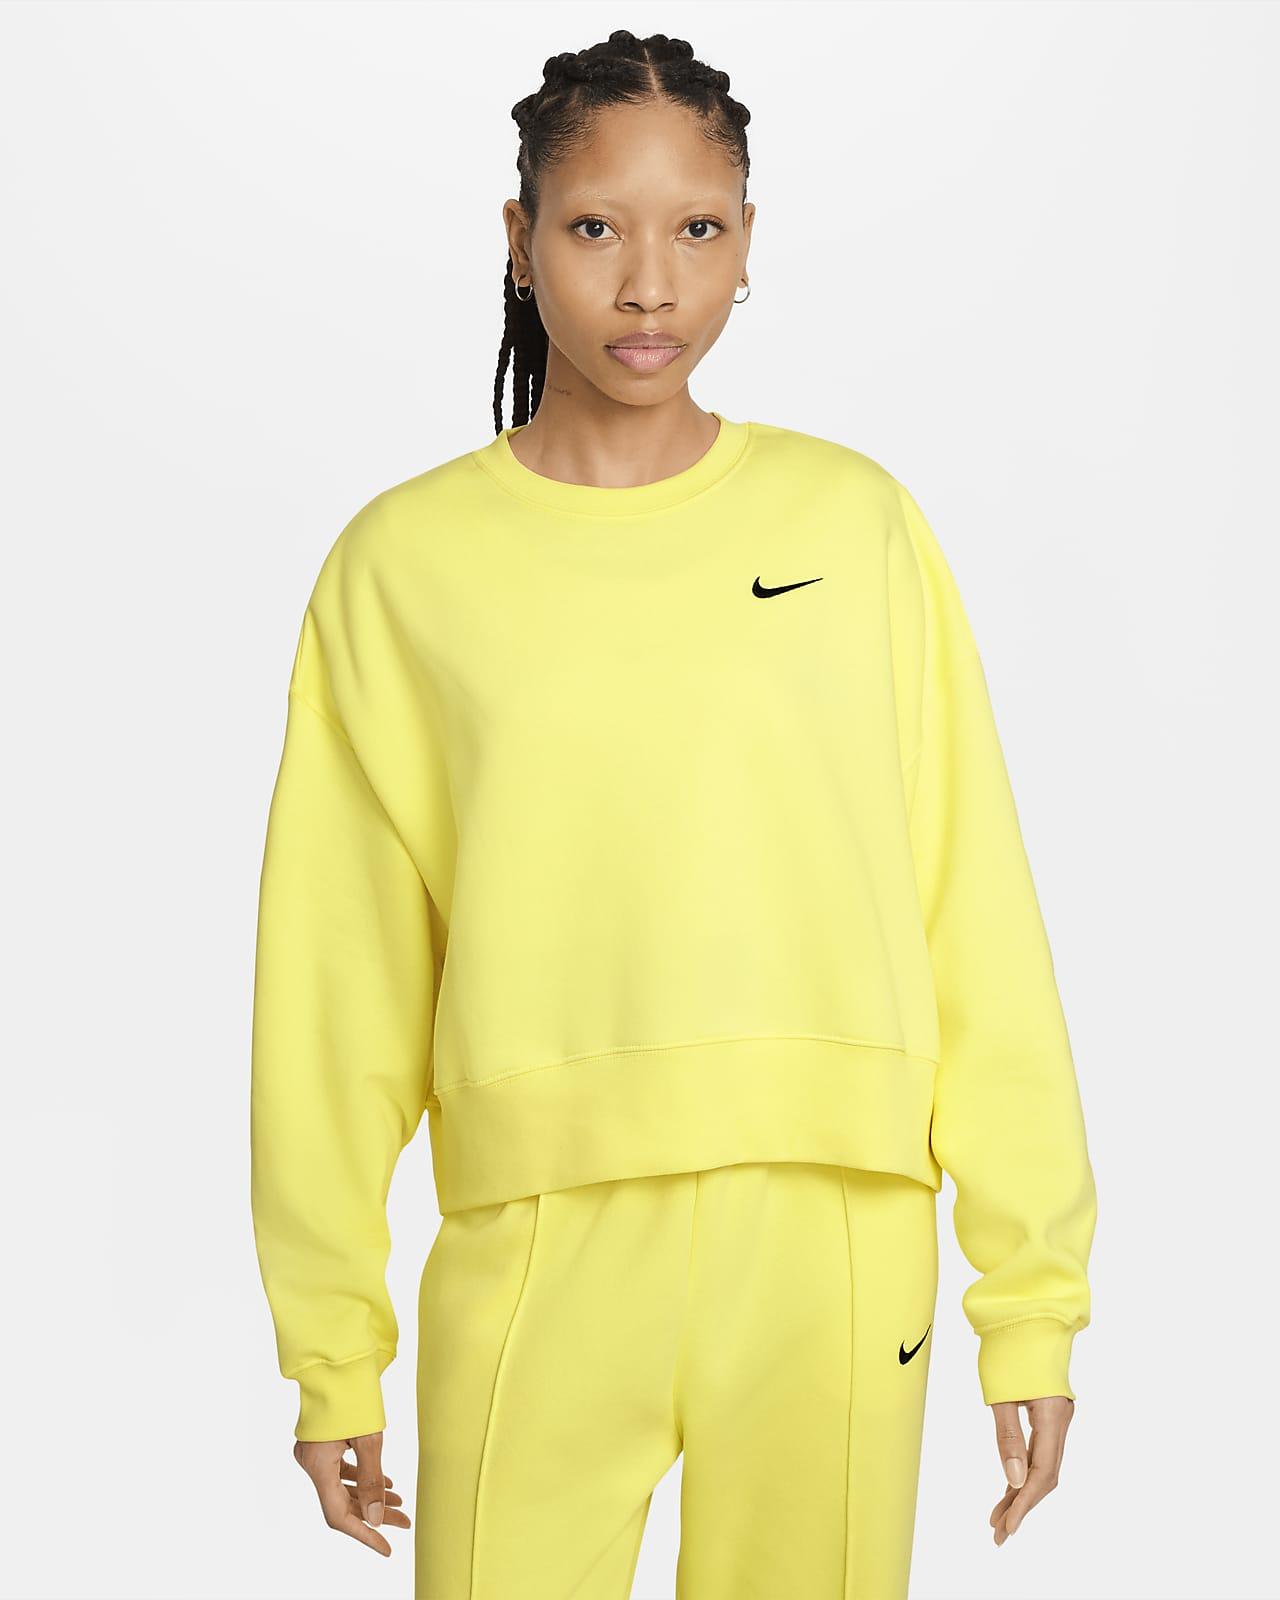 Nike Sportswear Women's Fleece Crop Top